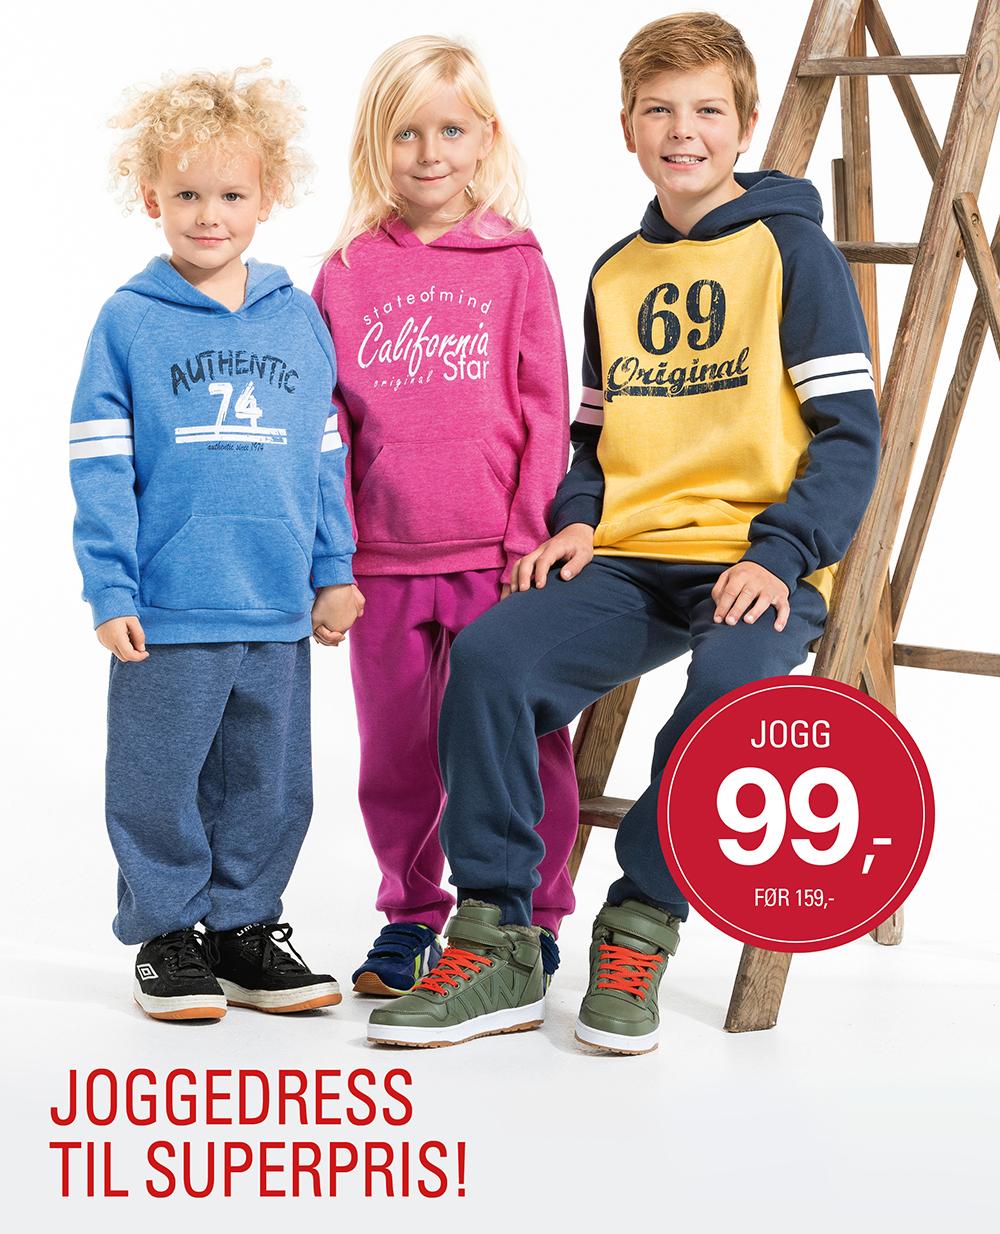 joggedress til superpris